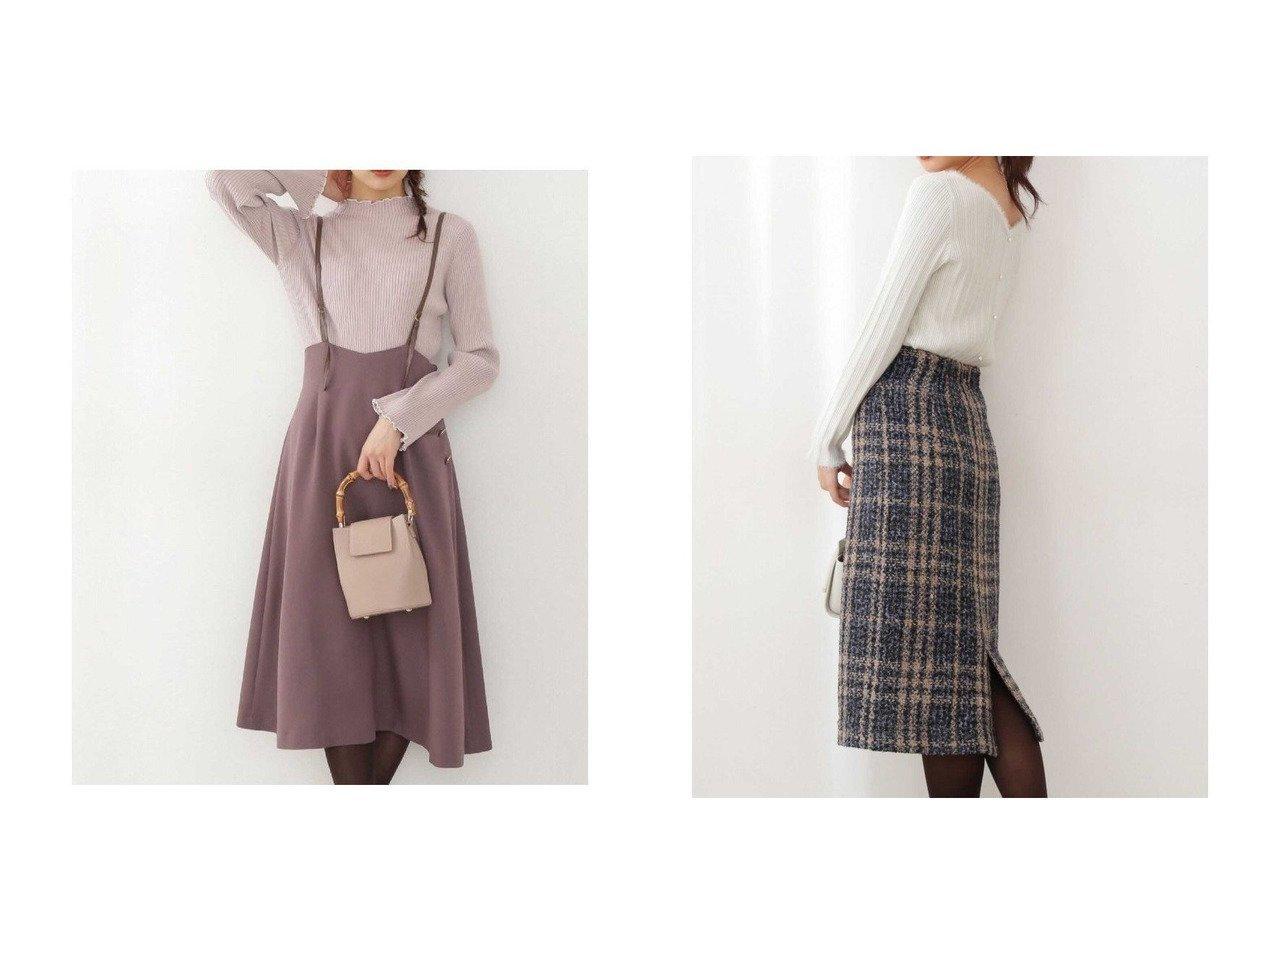 【PROPORTION BODY DRESSING/プロポーション ボディドレッシング】のチェックツイードタイトジャンパースカート&Newバックリボンジャンパースカート スカートのおすすめ!人気、レディースファッションの通販 おすすめで人気のファッション通販商品 インテリア・家具・キッズファッション・メンズファッション・レディースファッション・服の通販 founy(ファニー) https://founy.com/ ファッション Fashion レディース WOMEN ワンピース Dress ヘムライン ラップ リボン ロング 冬 Winter |ID:crp329100000002712